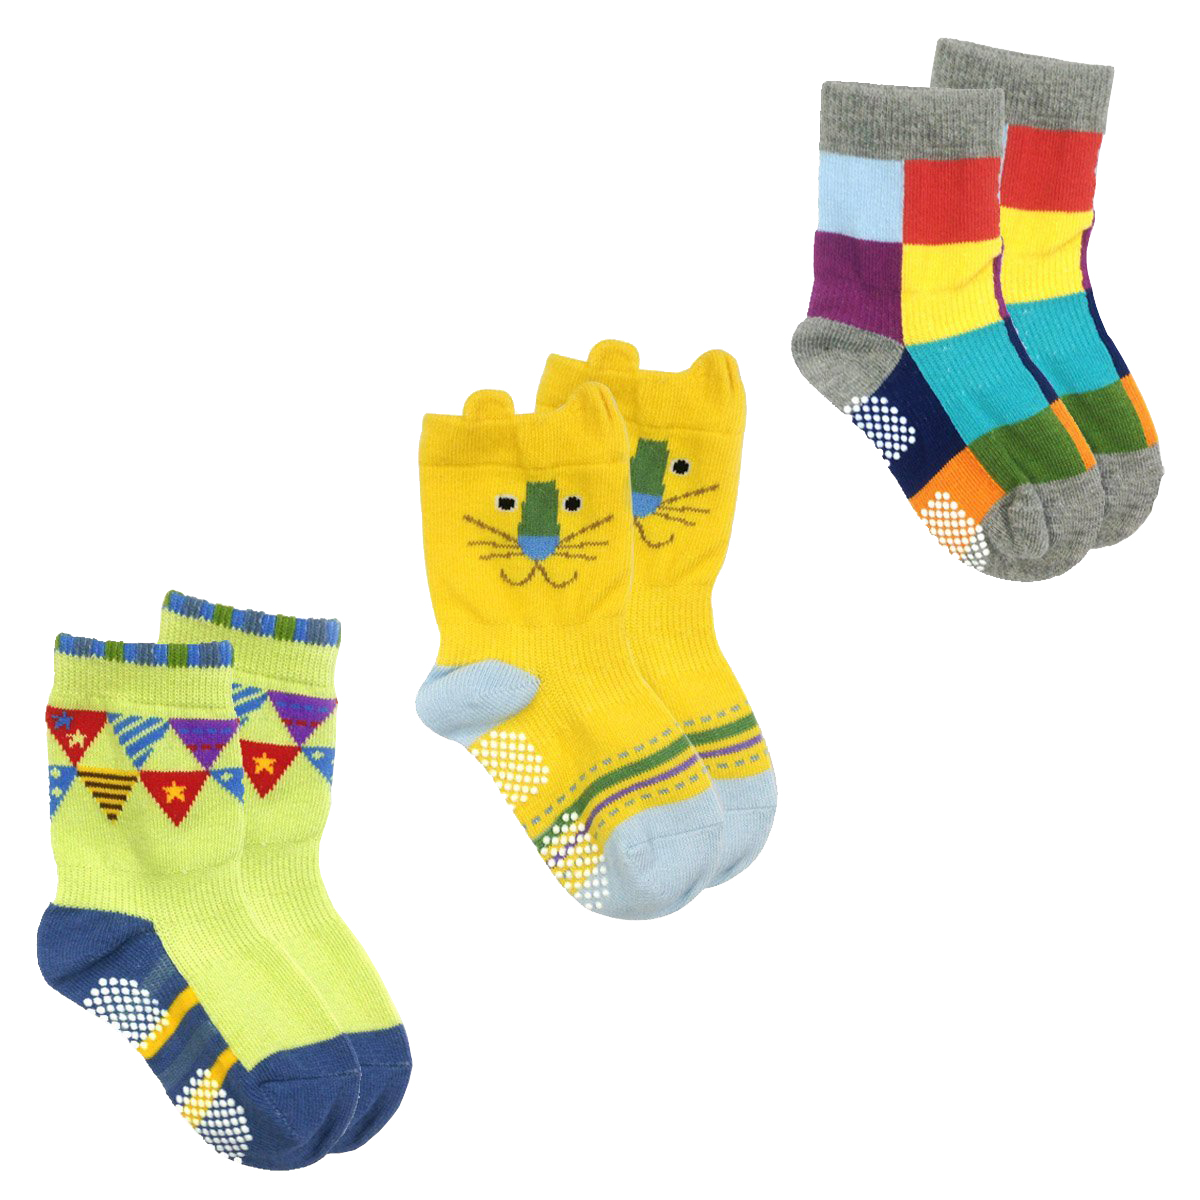 Peek A Boo Animal Non-Skid Toddler Socks - Cat Socks - Non Skid Shoe Socks Infant Baby Boy Anti Slip Cotton Socks With Grips For 12-24 Months - Set of 3